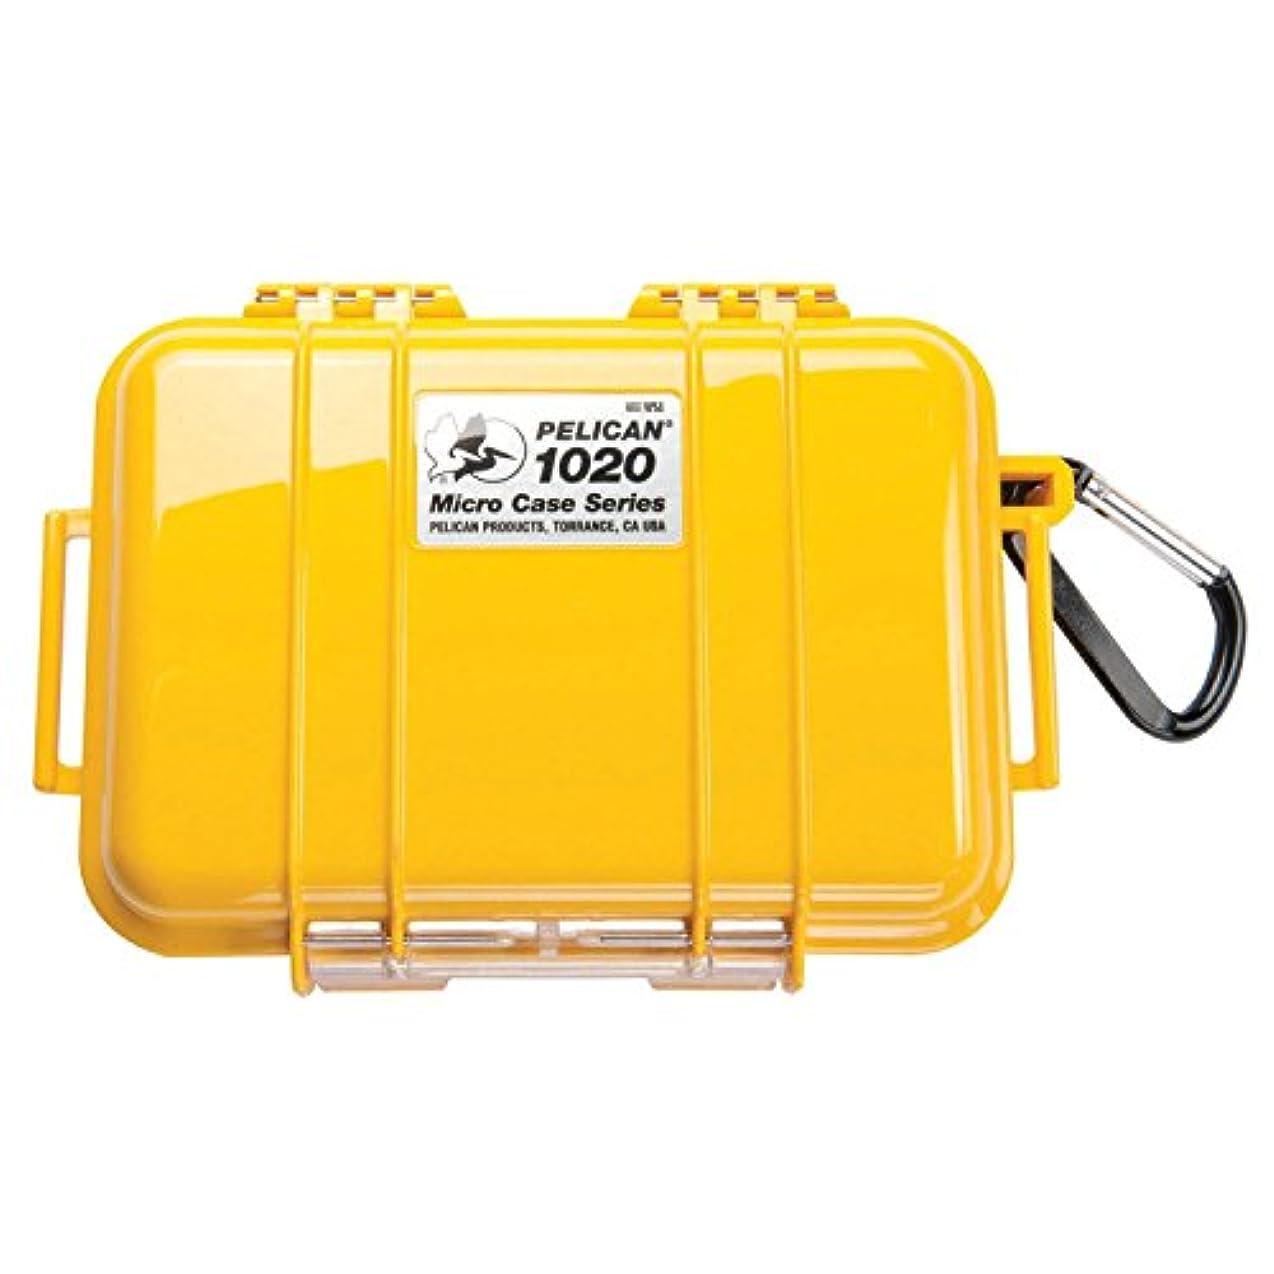 記事懸念エステートペリカン PELICAN 1020 N 小型防水ハードケース (イエロー) 1020-025-240 [並行輸入品]